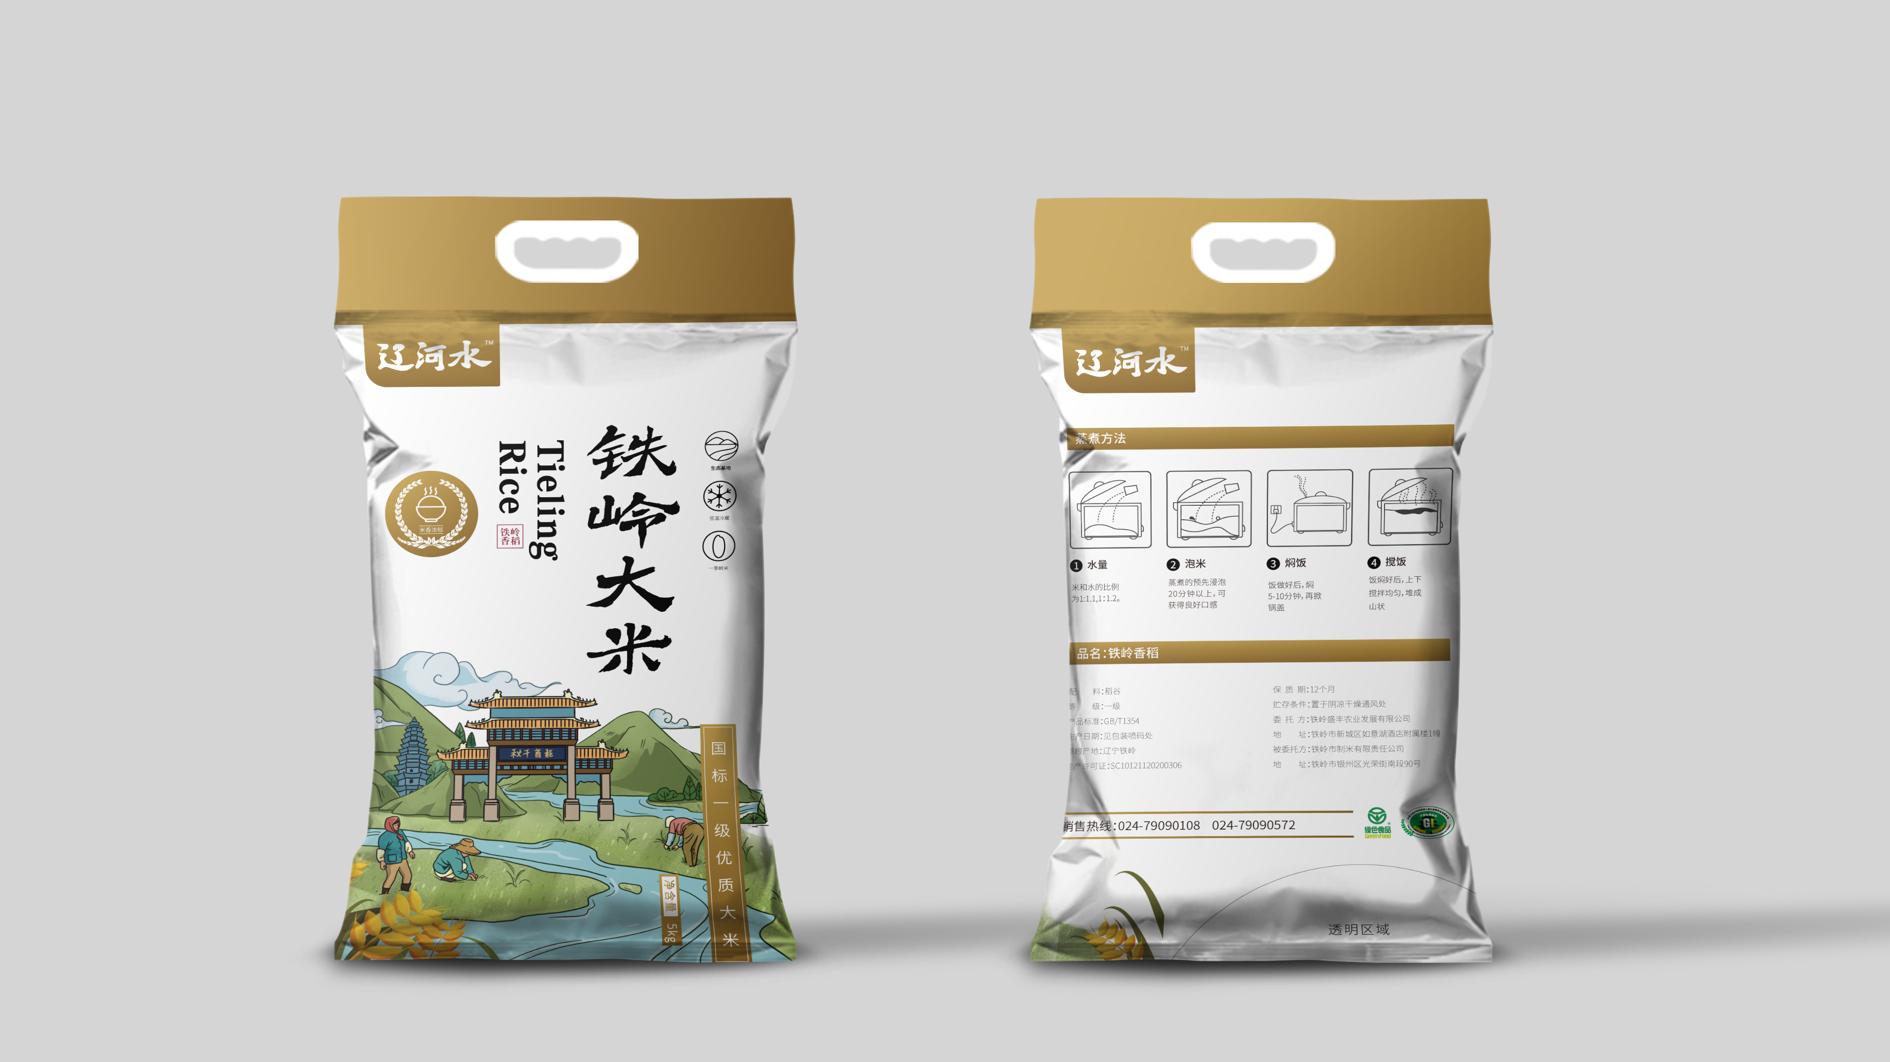 遼河水大米品牌包裝延展設計